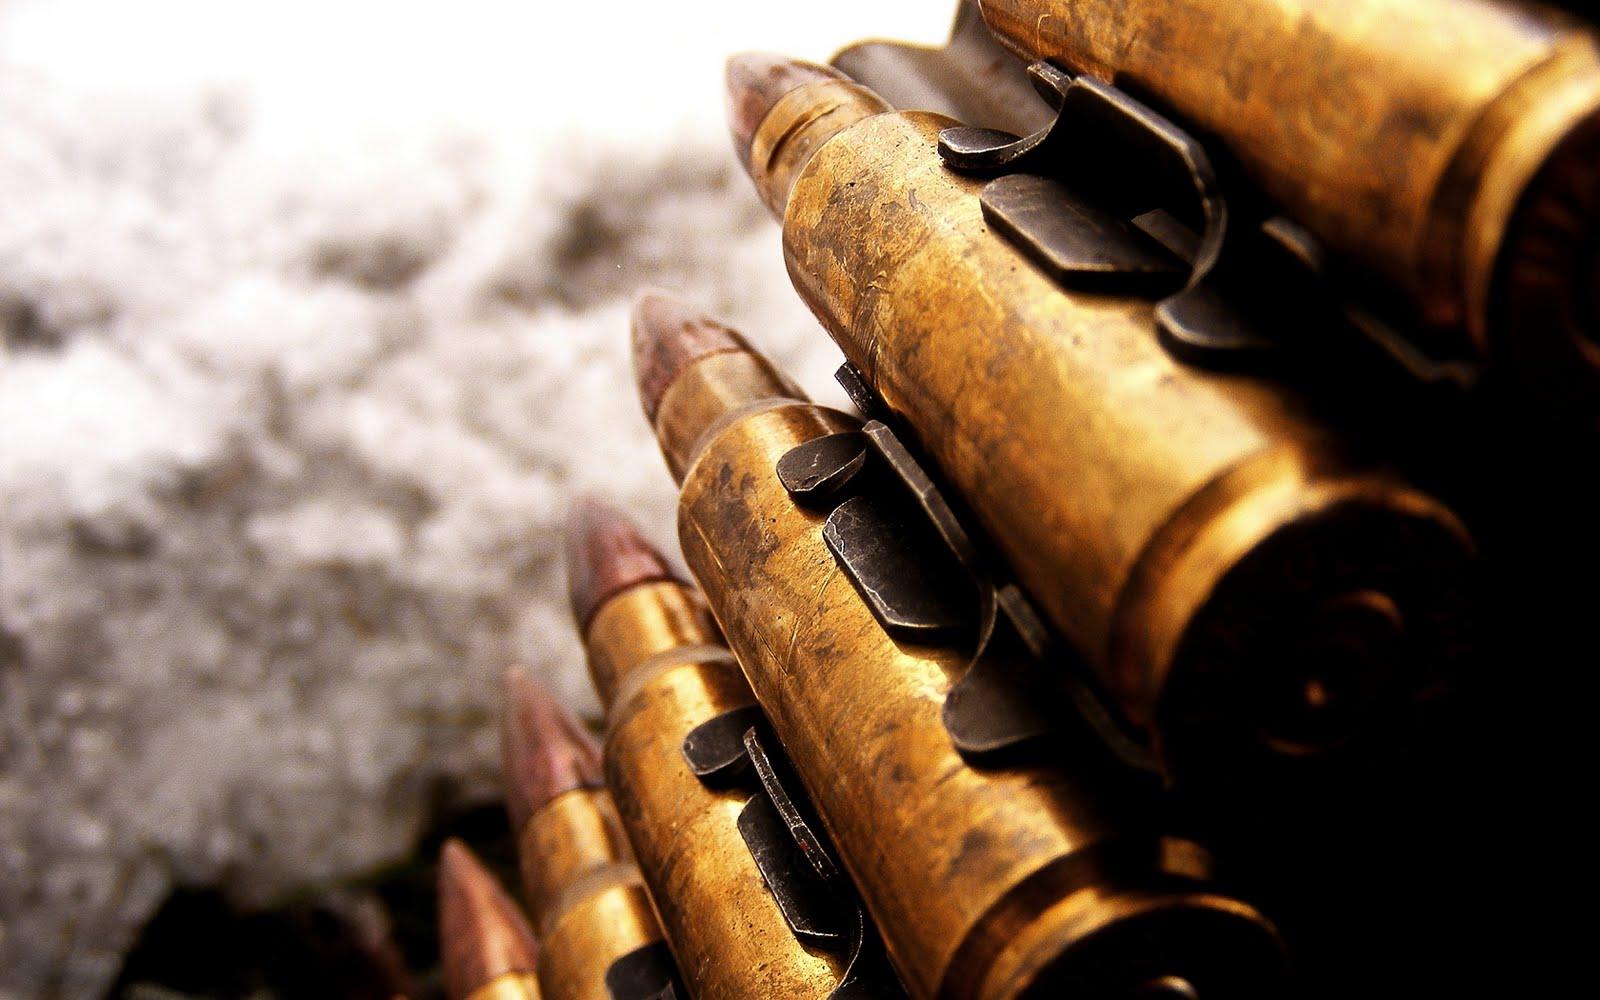 http://1.bp.blogspot.com/_6F1goSN3h9s/TJq2rJ68reI/AAAAAAAAAXU/NN3KS0h5jtM/s1600/violence,+rebellion+and+roits+%284%29.jpg